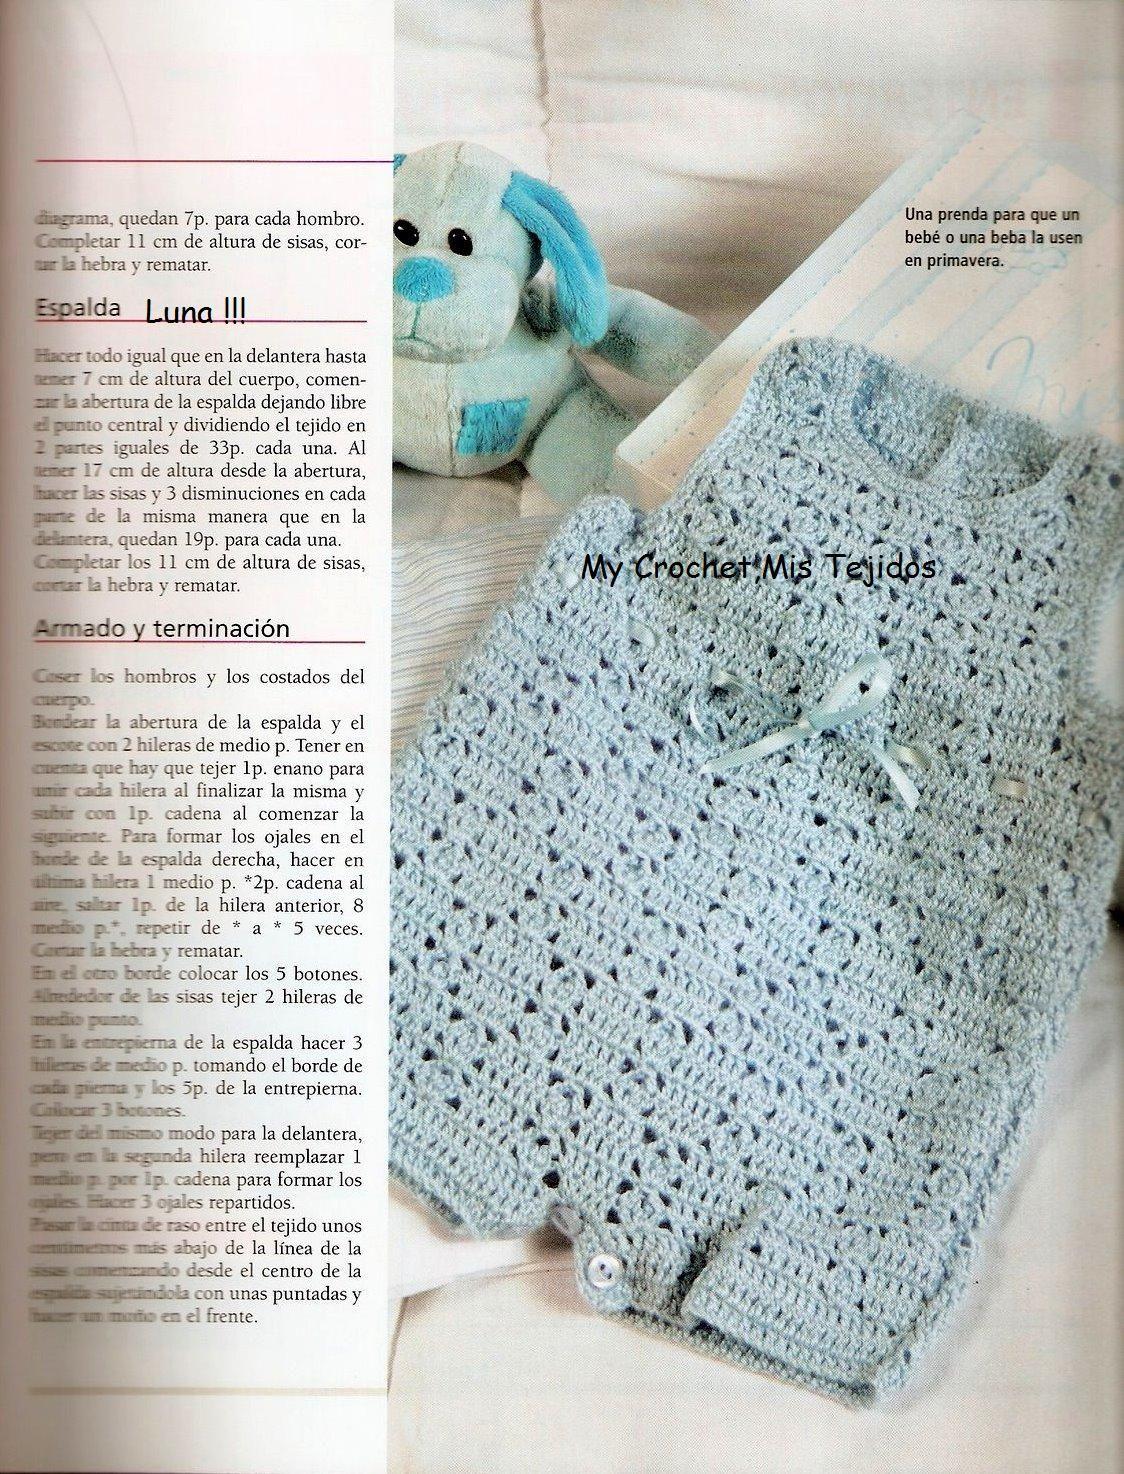 My Crochet , Mis Tejidos: Enterito para Bebe. | Crochet patrones ...